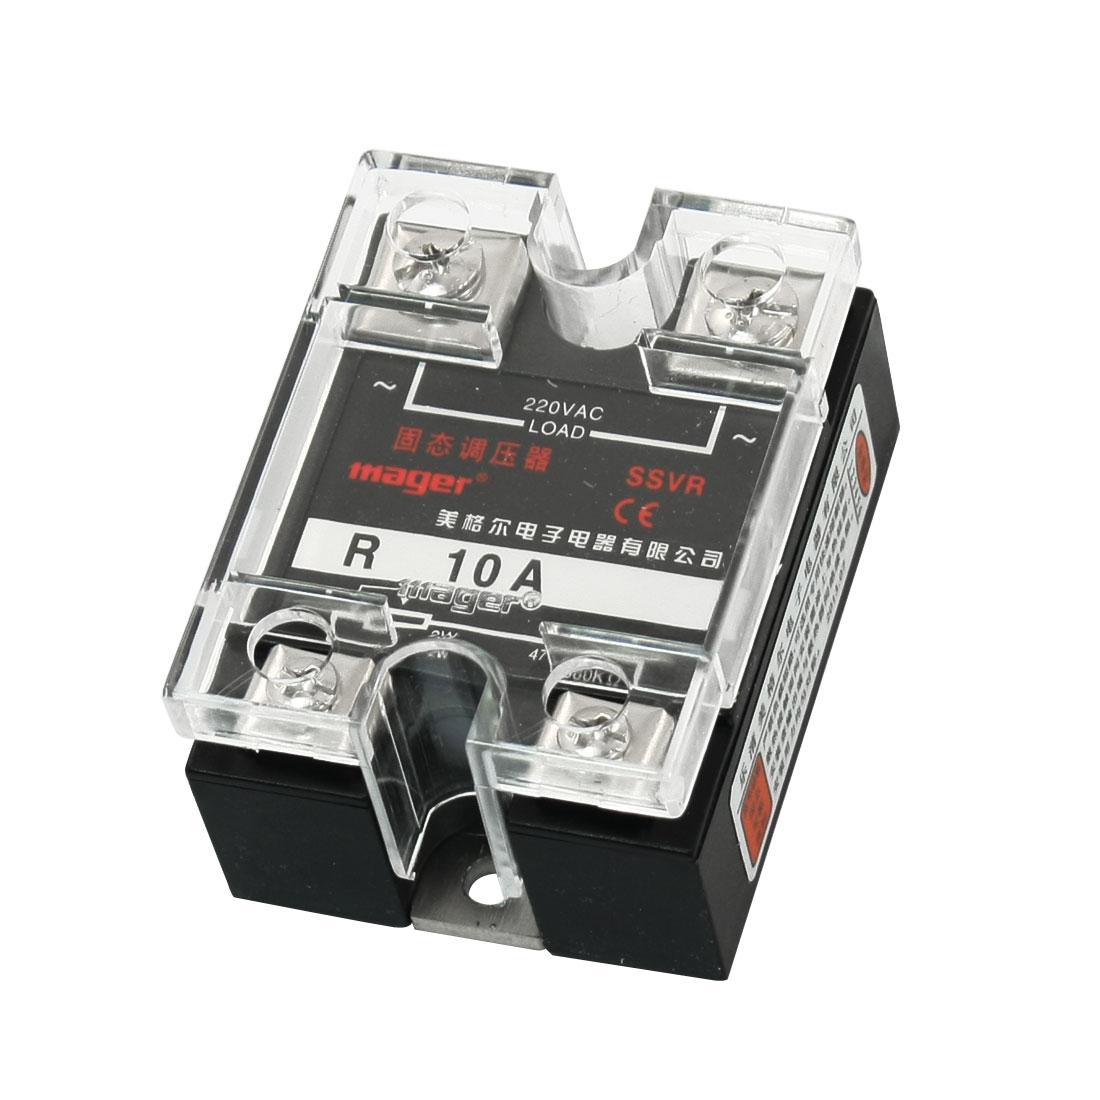 AC220V 10A 2W 470-560K Ohm Resistance Adjustable Type Single Phase SSVR Solid State Voltage Regulator